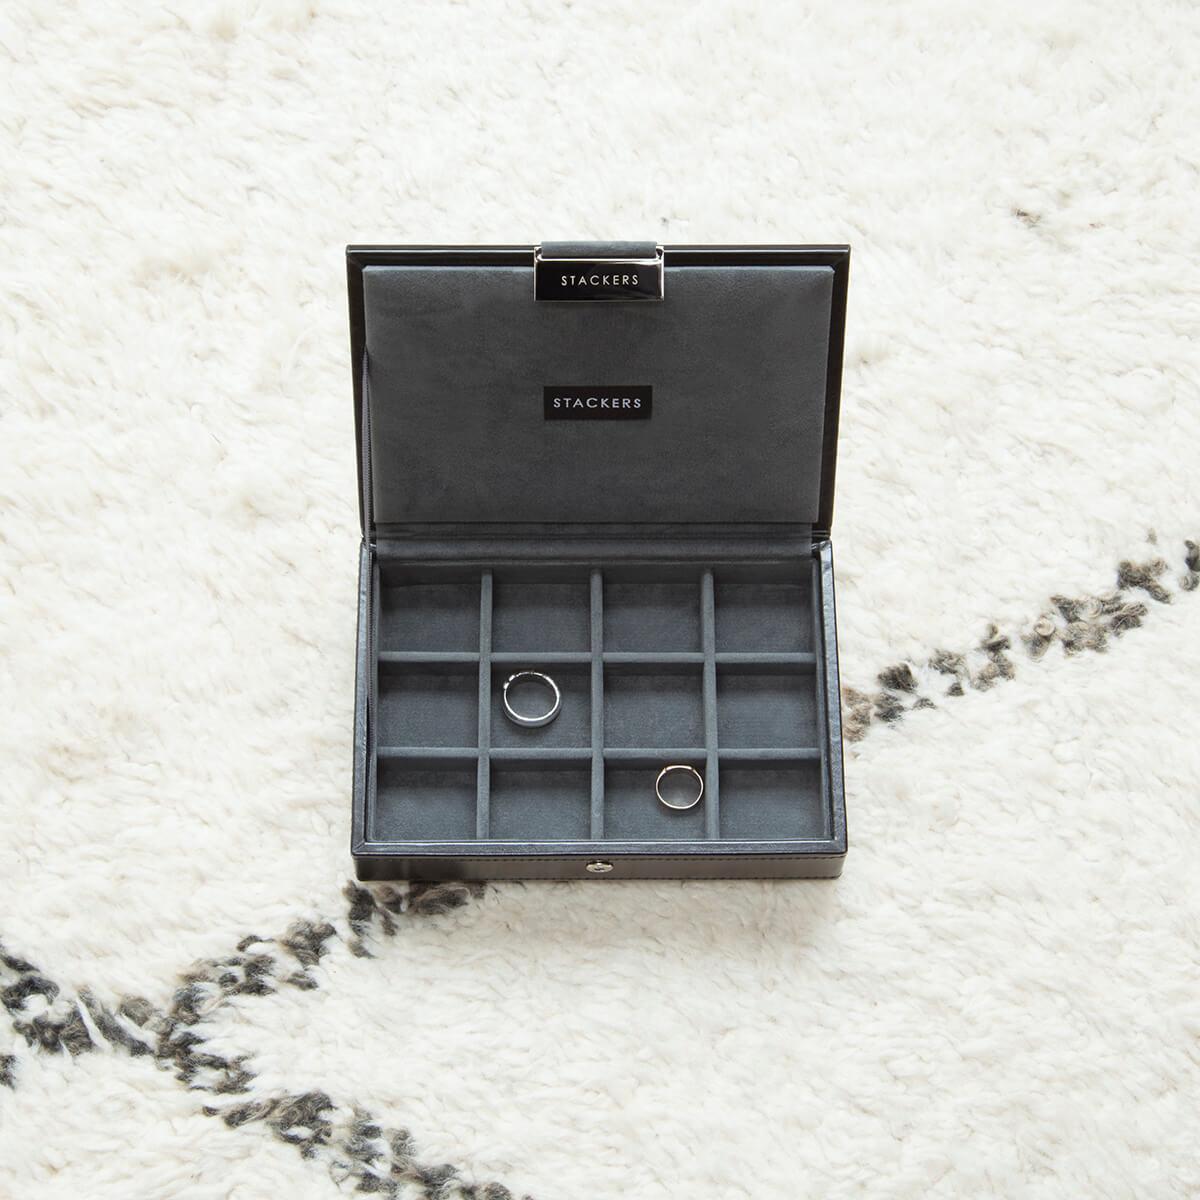 Stackers Black Mini manchetknopen doos